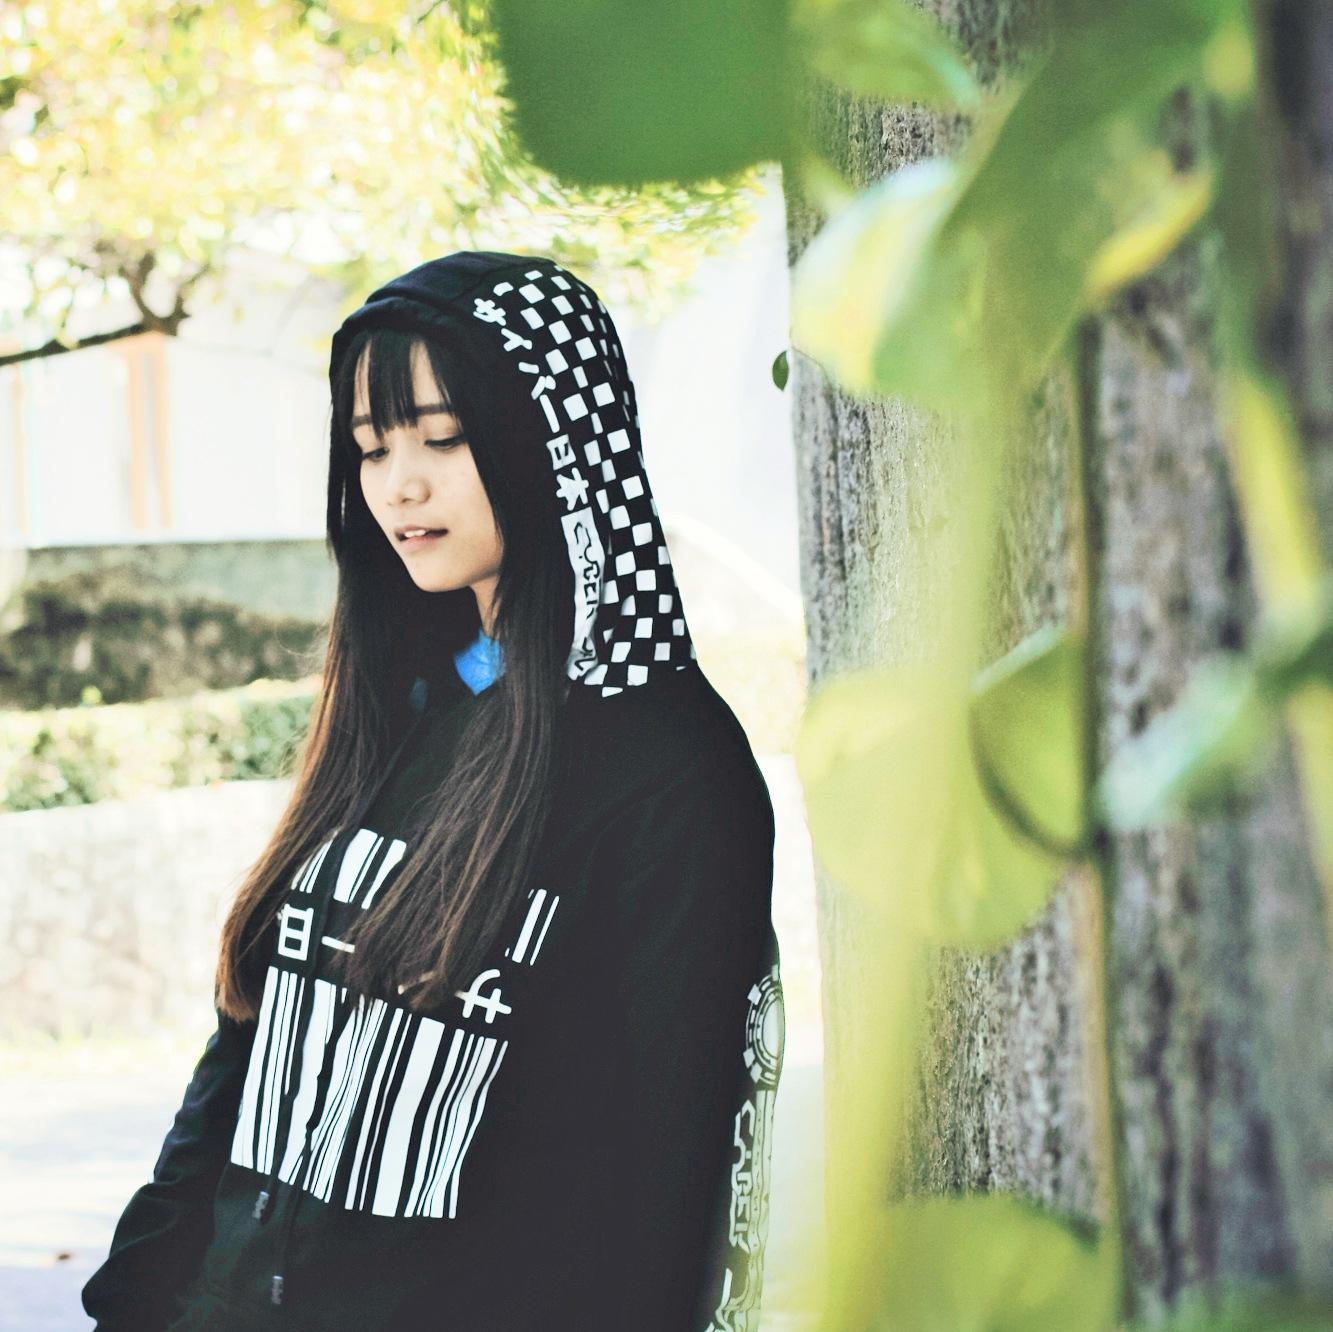 The hoodie girl by Raka M Iqbal Ismail